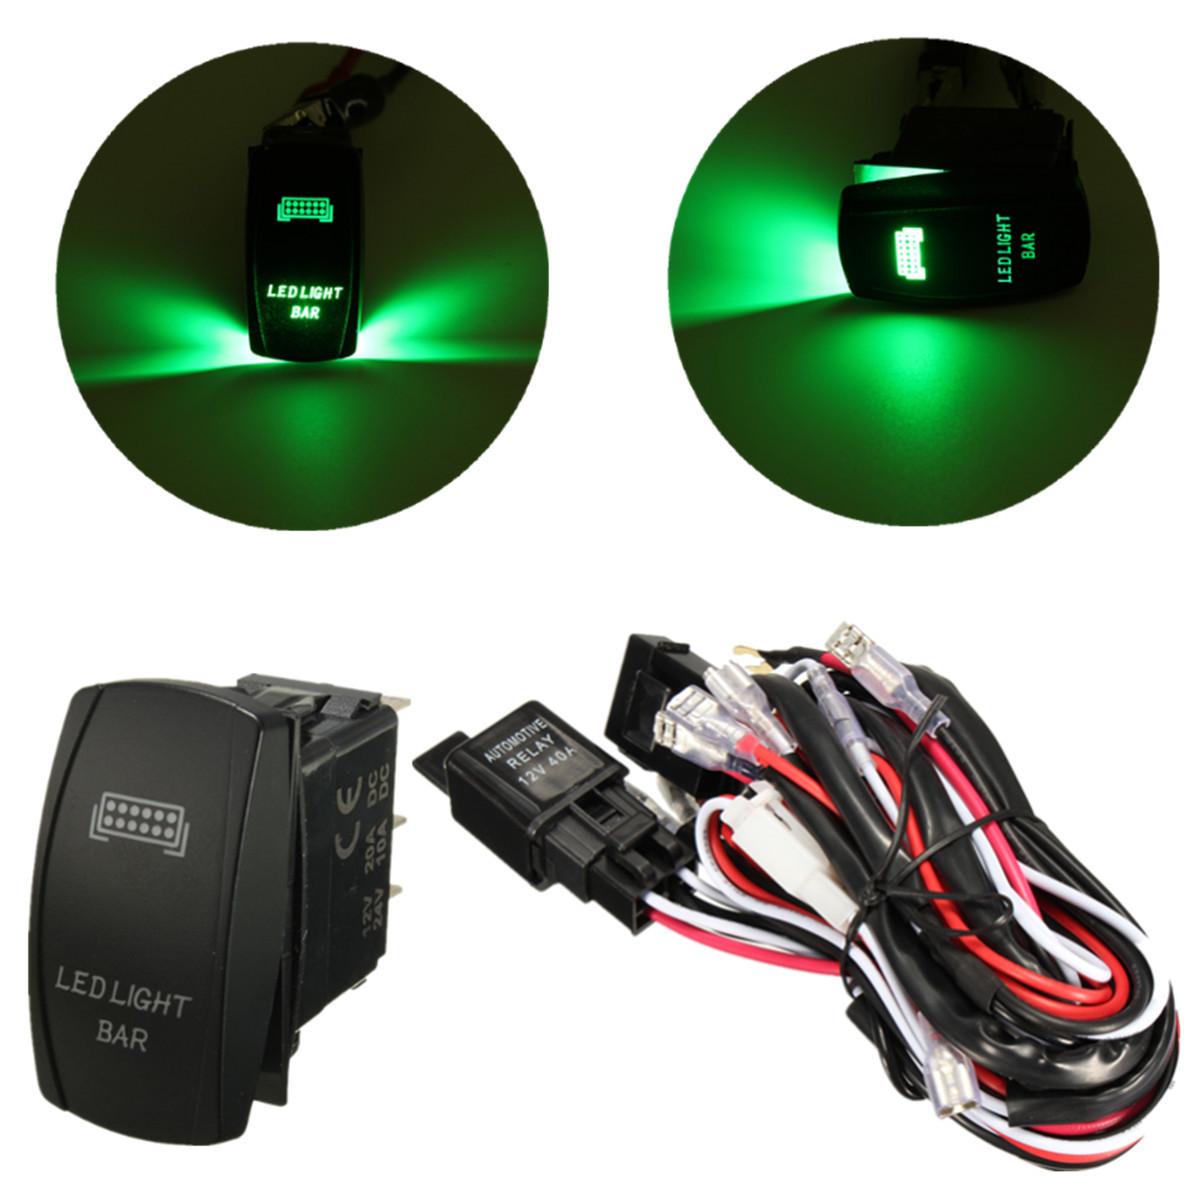 12v wiring harness green led light bar laser rocker switch. Black Bedroom Furniture Sets. Home Design Ideas